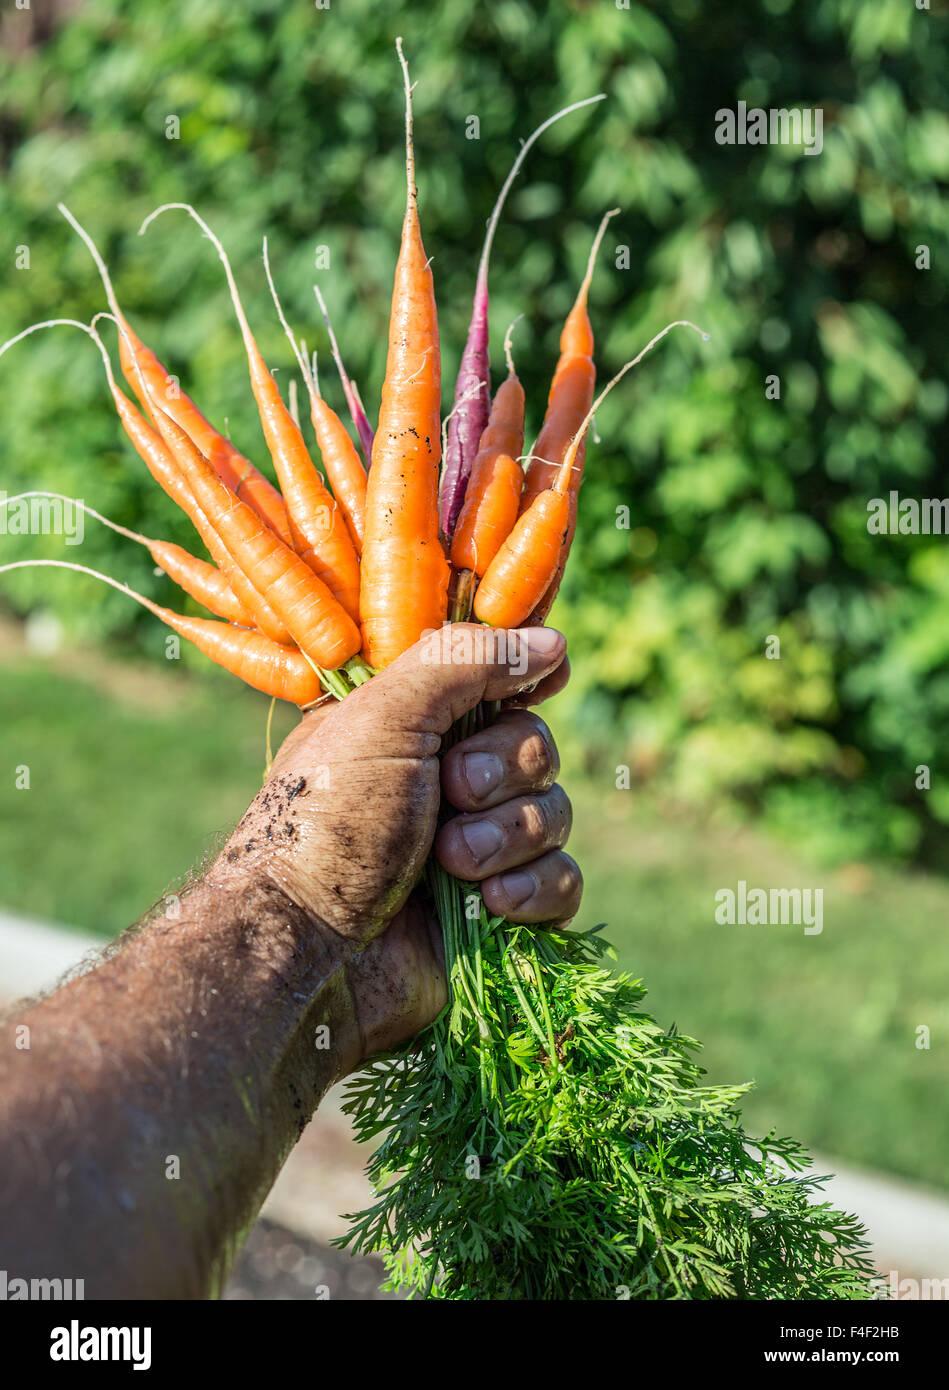 Les carottes dans la main de l'homme. Photo Stock